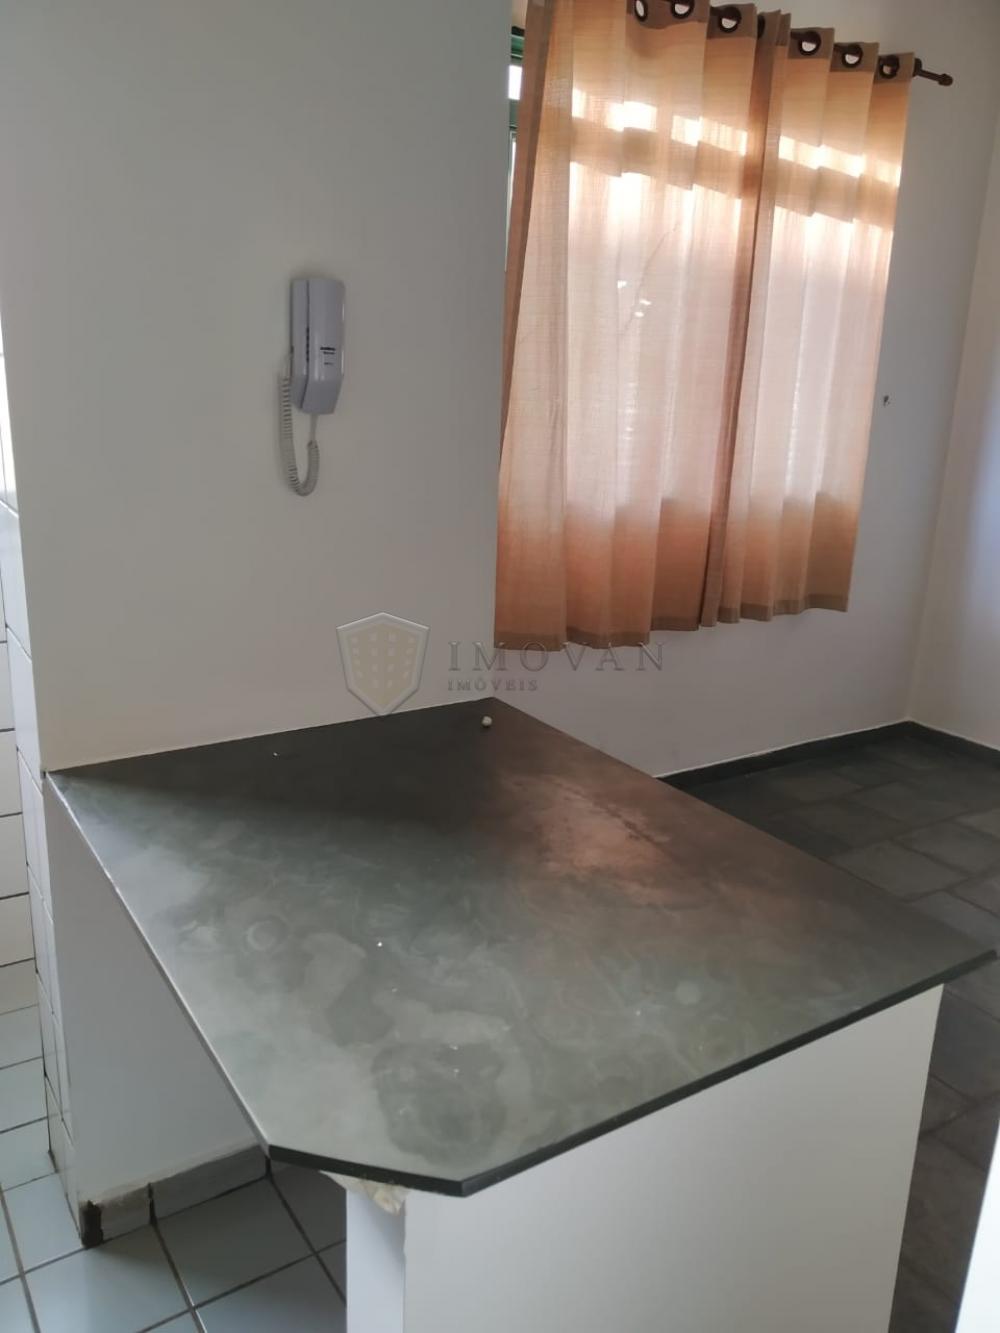 Comprar Apartamento / Padrão em Ribeirão Preto R$ 115.000,00 - Foto 2